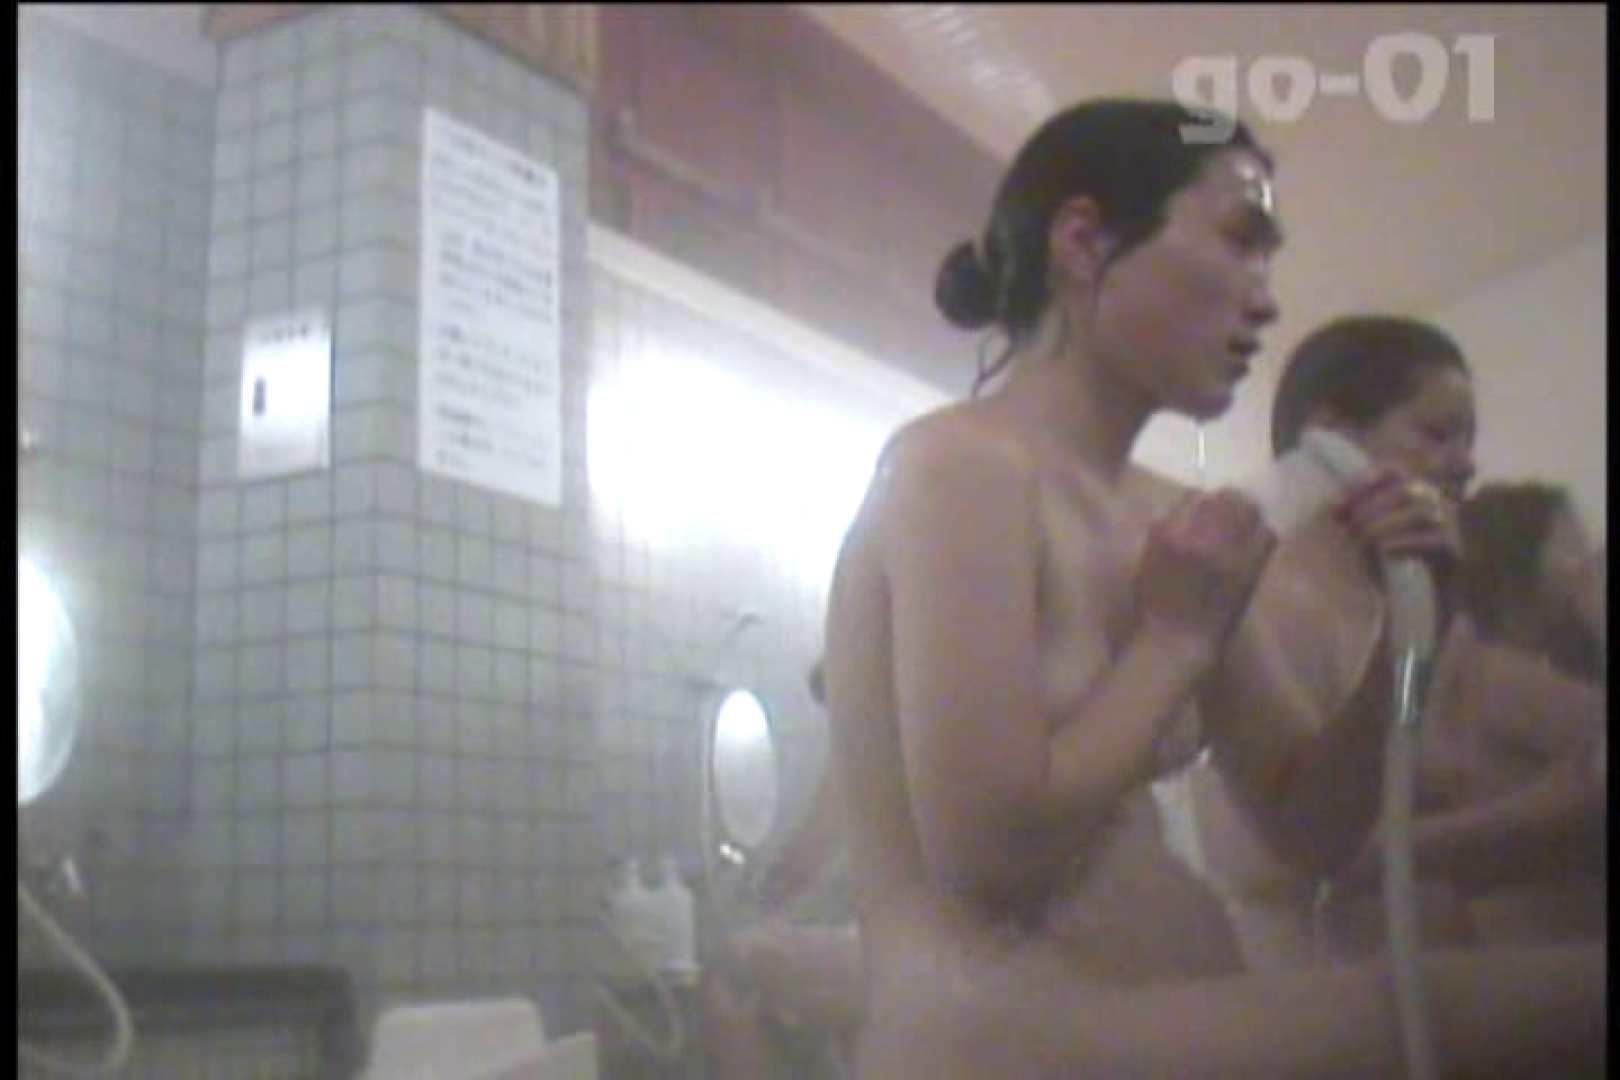 電波カメラ設置浴場からの防HAN映像 Vol.01 盗撮 | チラ  85pic 10